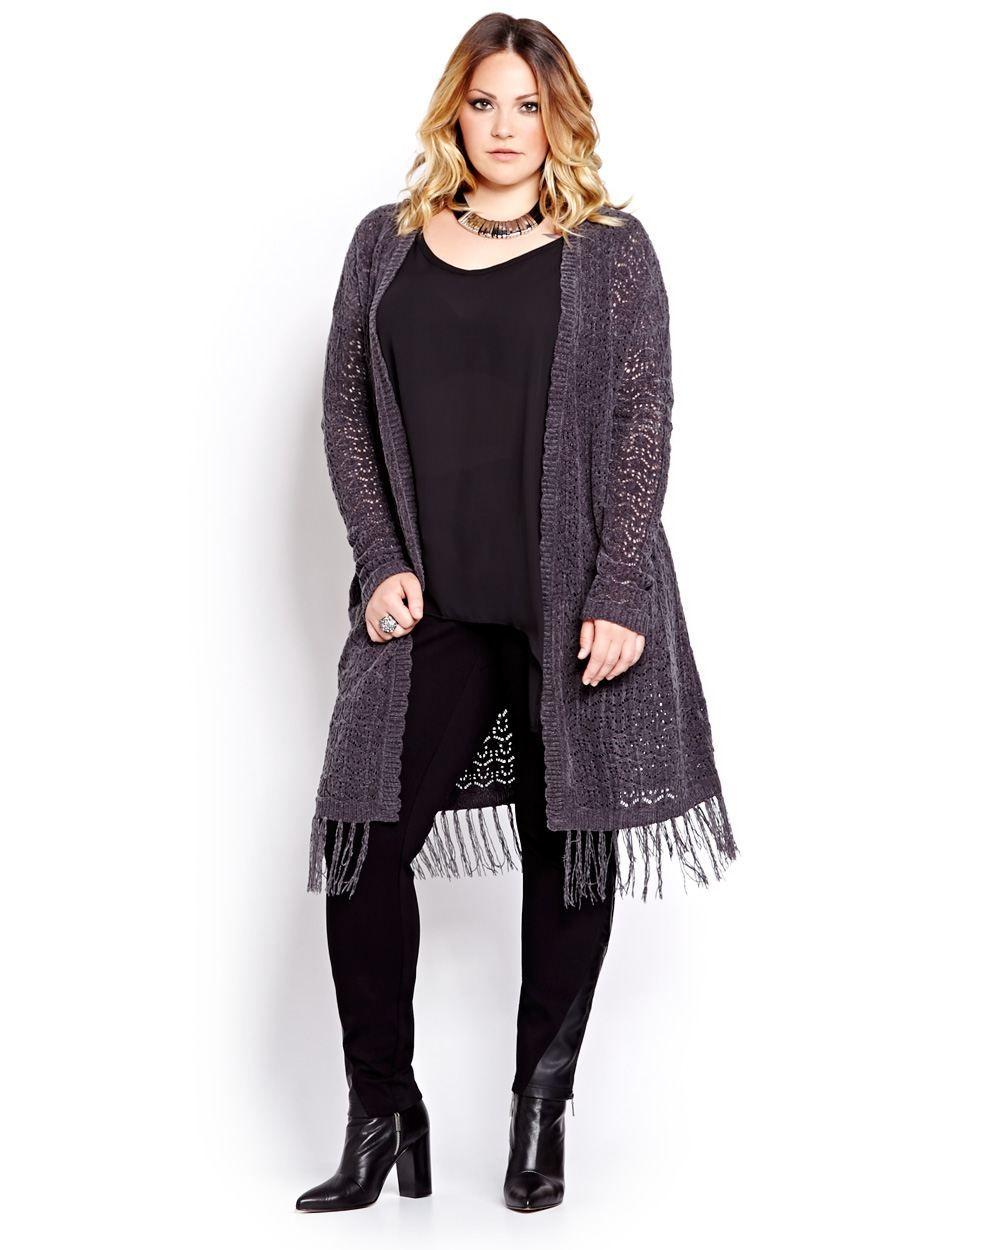 Trendy duster cardigan by Love & Legend combines the crochet craze ...